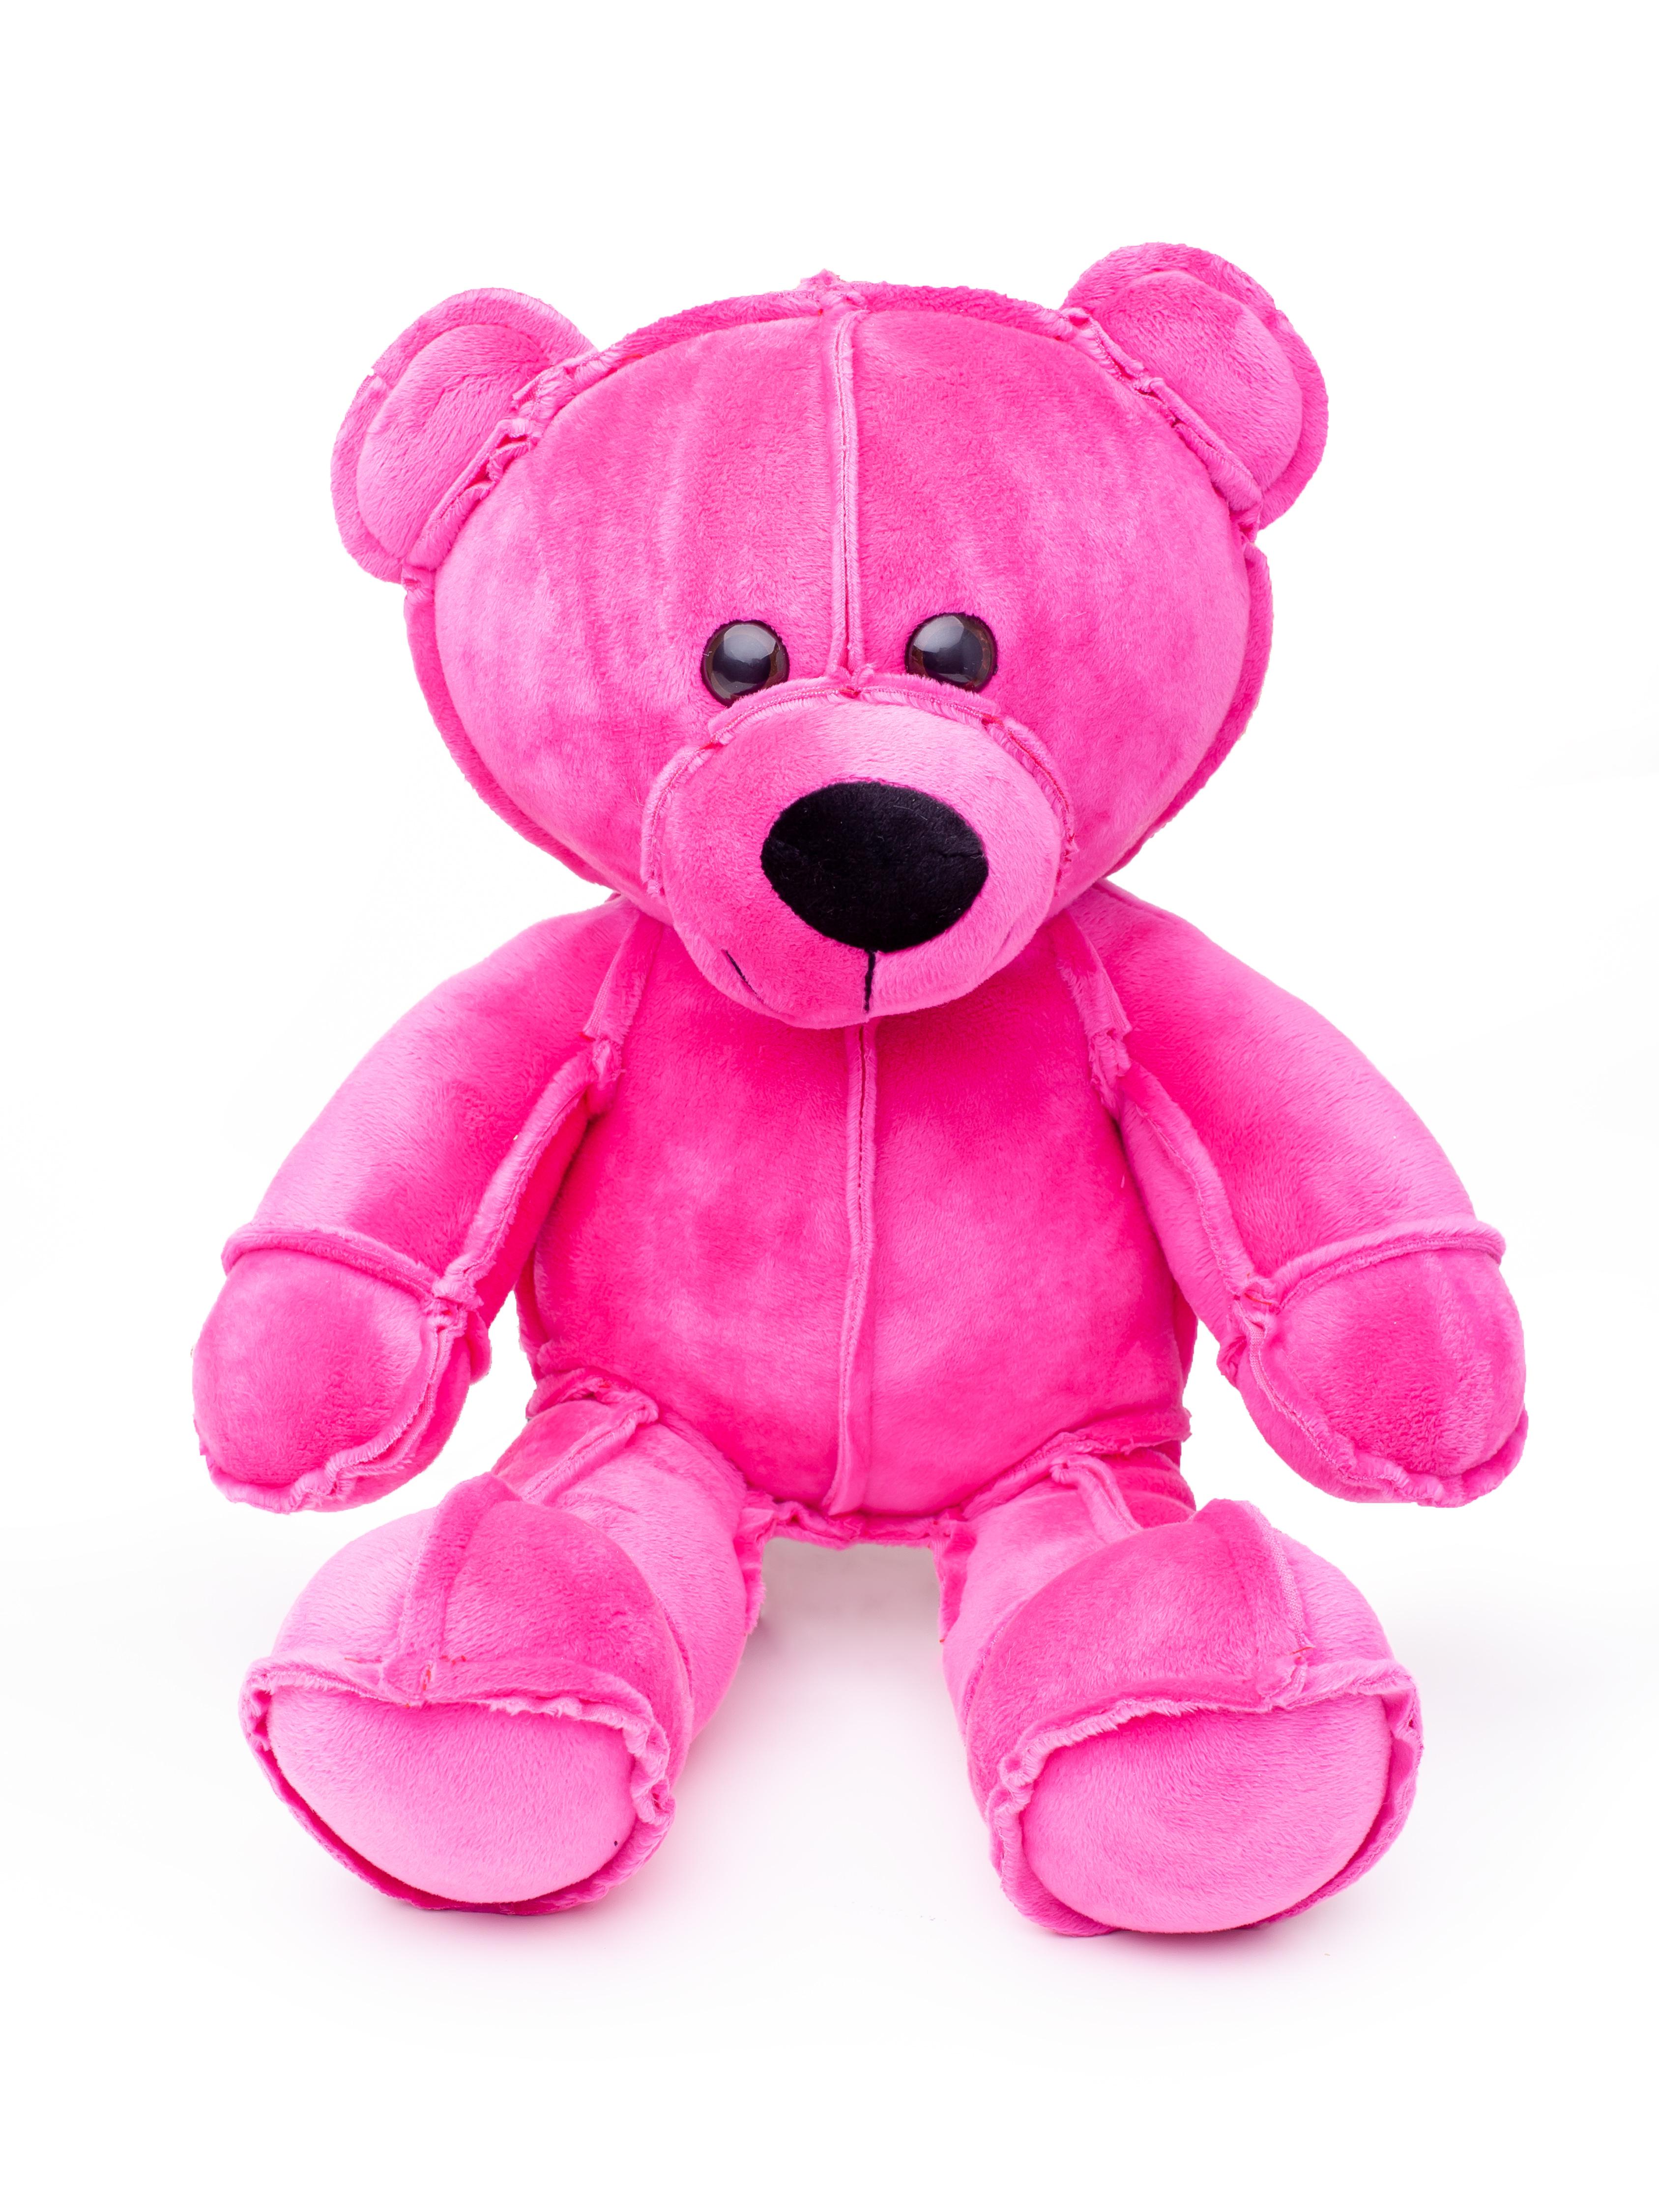 Мягкая игрушка Смолтойс Мишка Даня В45 см, 6199/РЗ/45 розовый